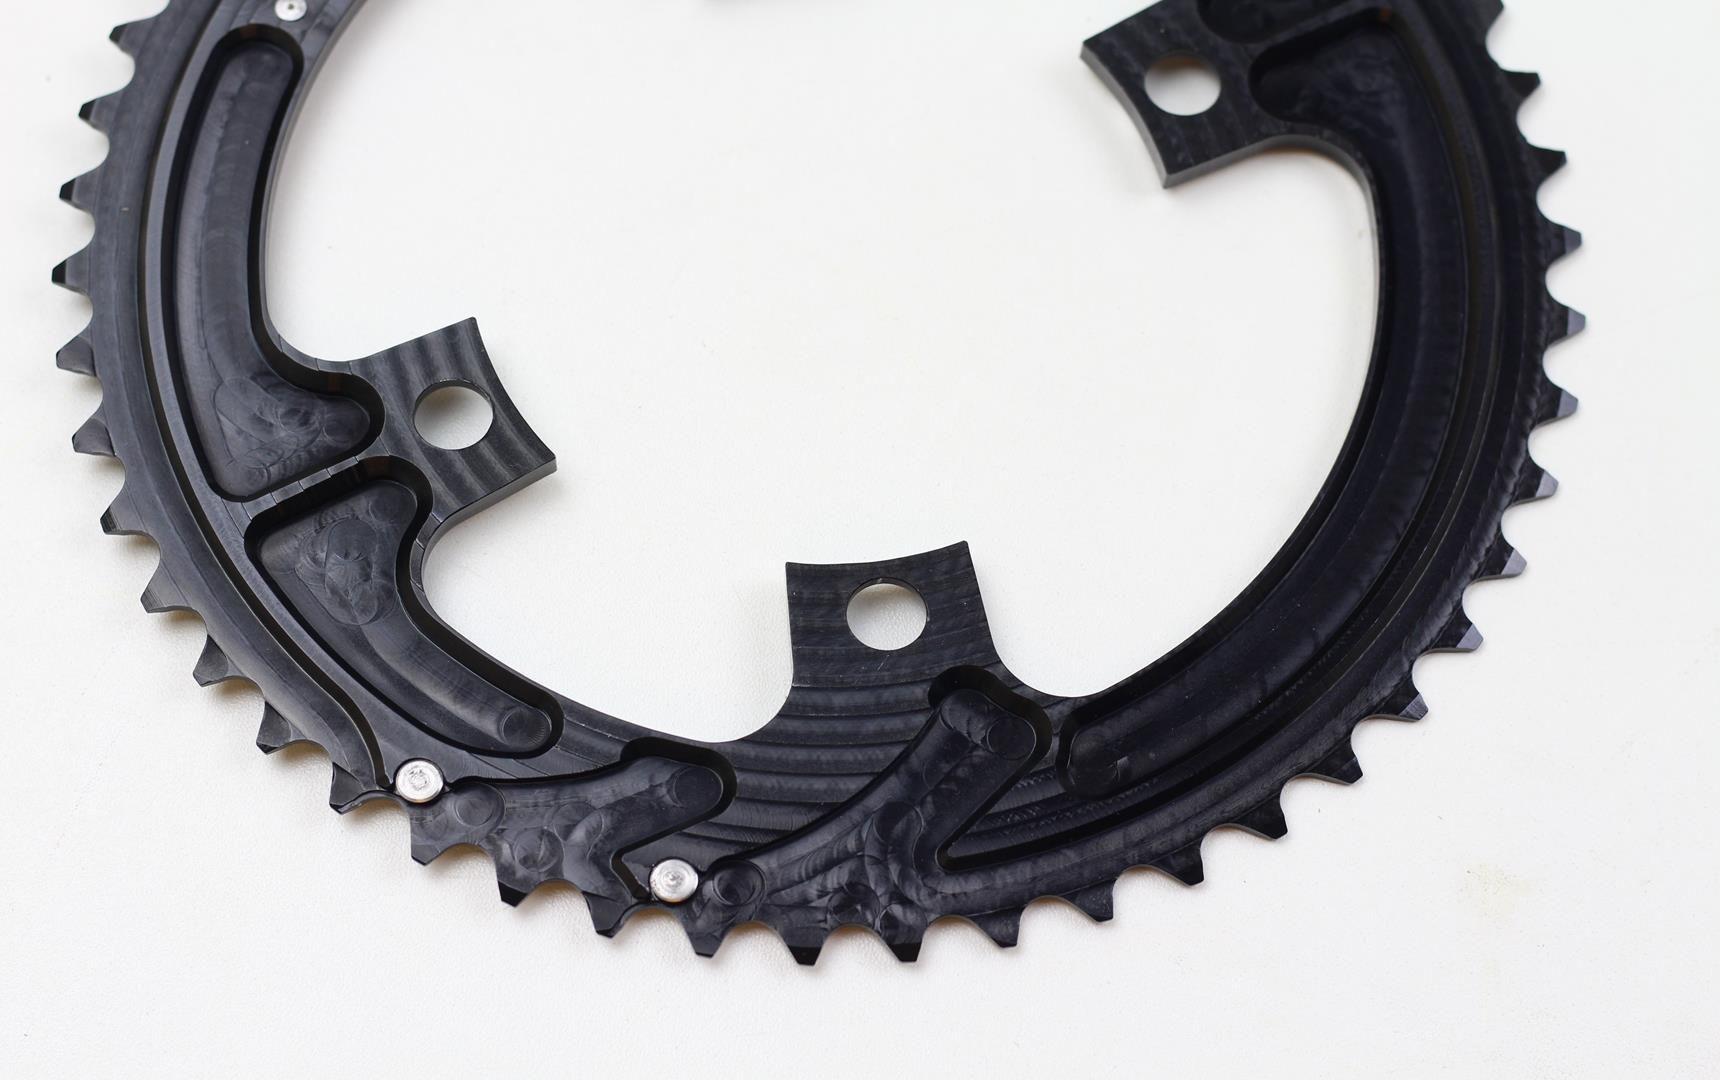 Coroas Dupla Bicicleta Speed Nottable 50-34 para Pedivelas 4 Furos BCD 110mm Serve Shimano 105 Ultegra Dura-ace